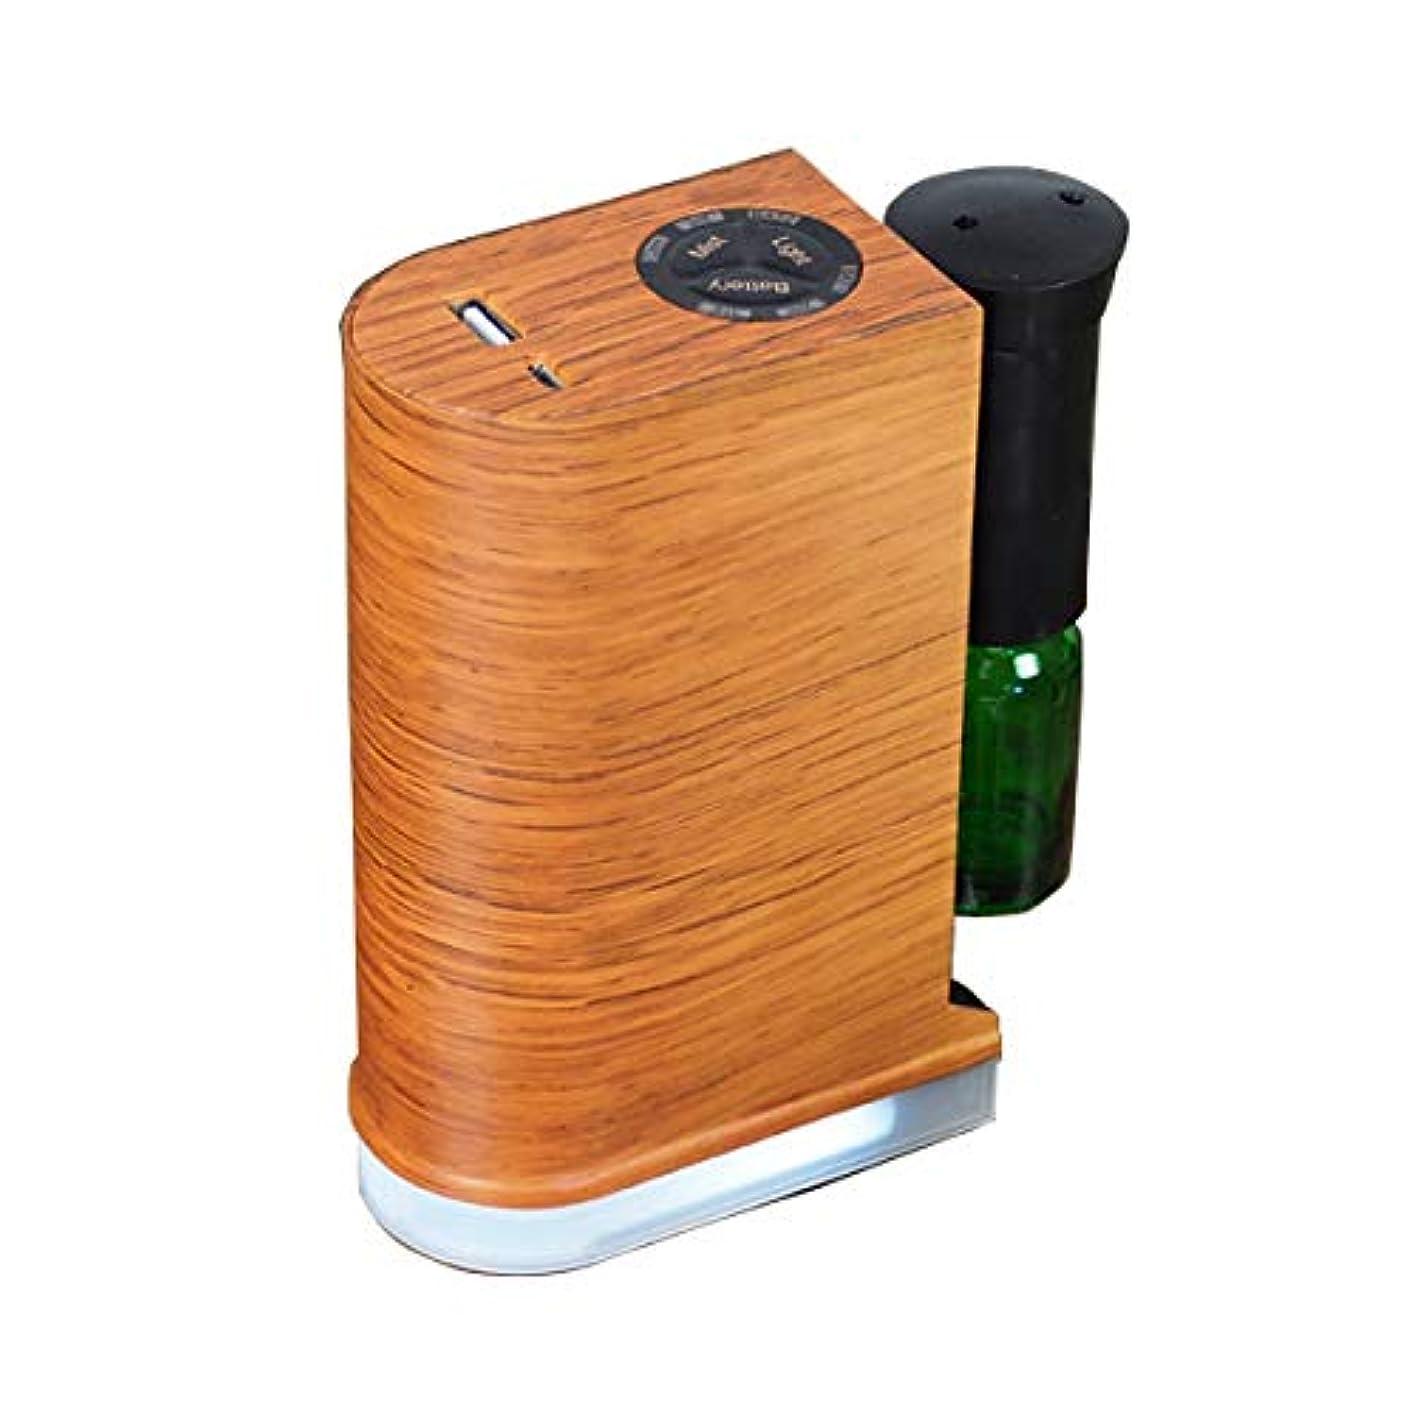 高架移行する薬アロマデュフューザー 水を使わない ネブライザー式アロマディフューザー LED搭載 アロマオイル 精油 アロマ芳香 (ブラウン)